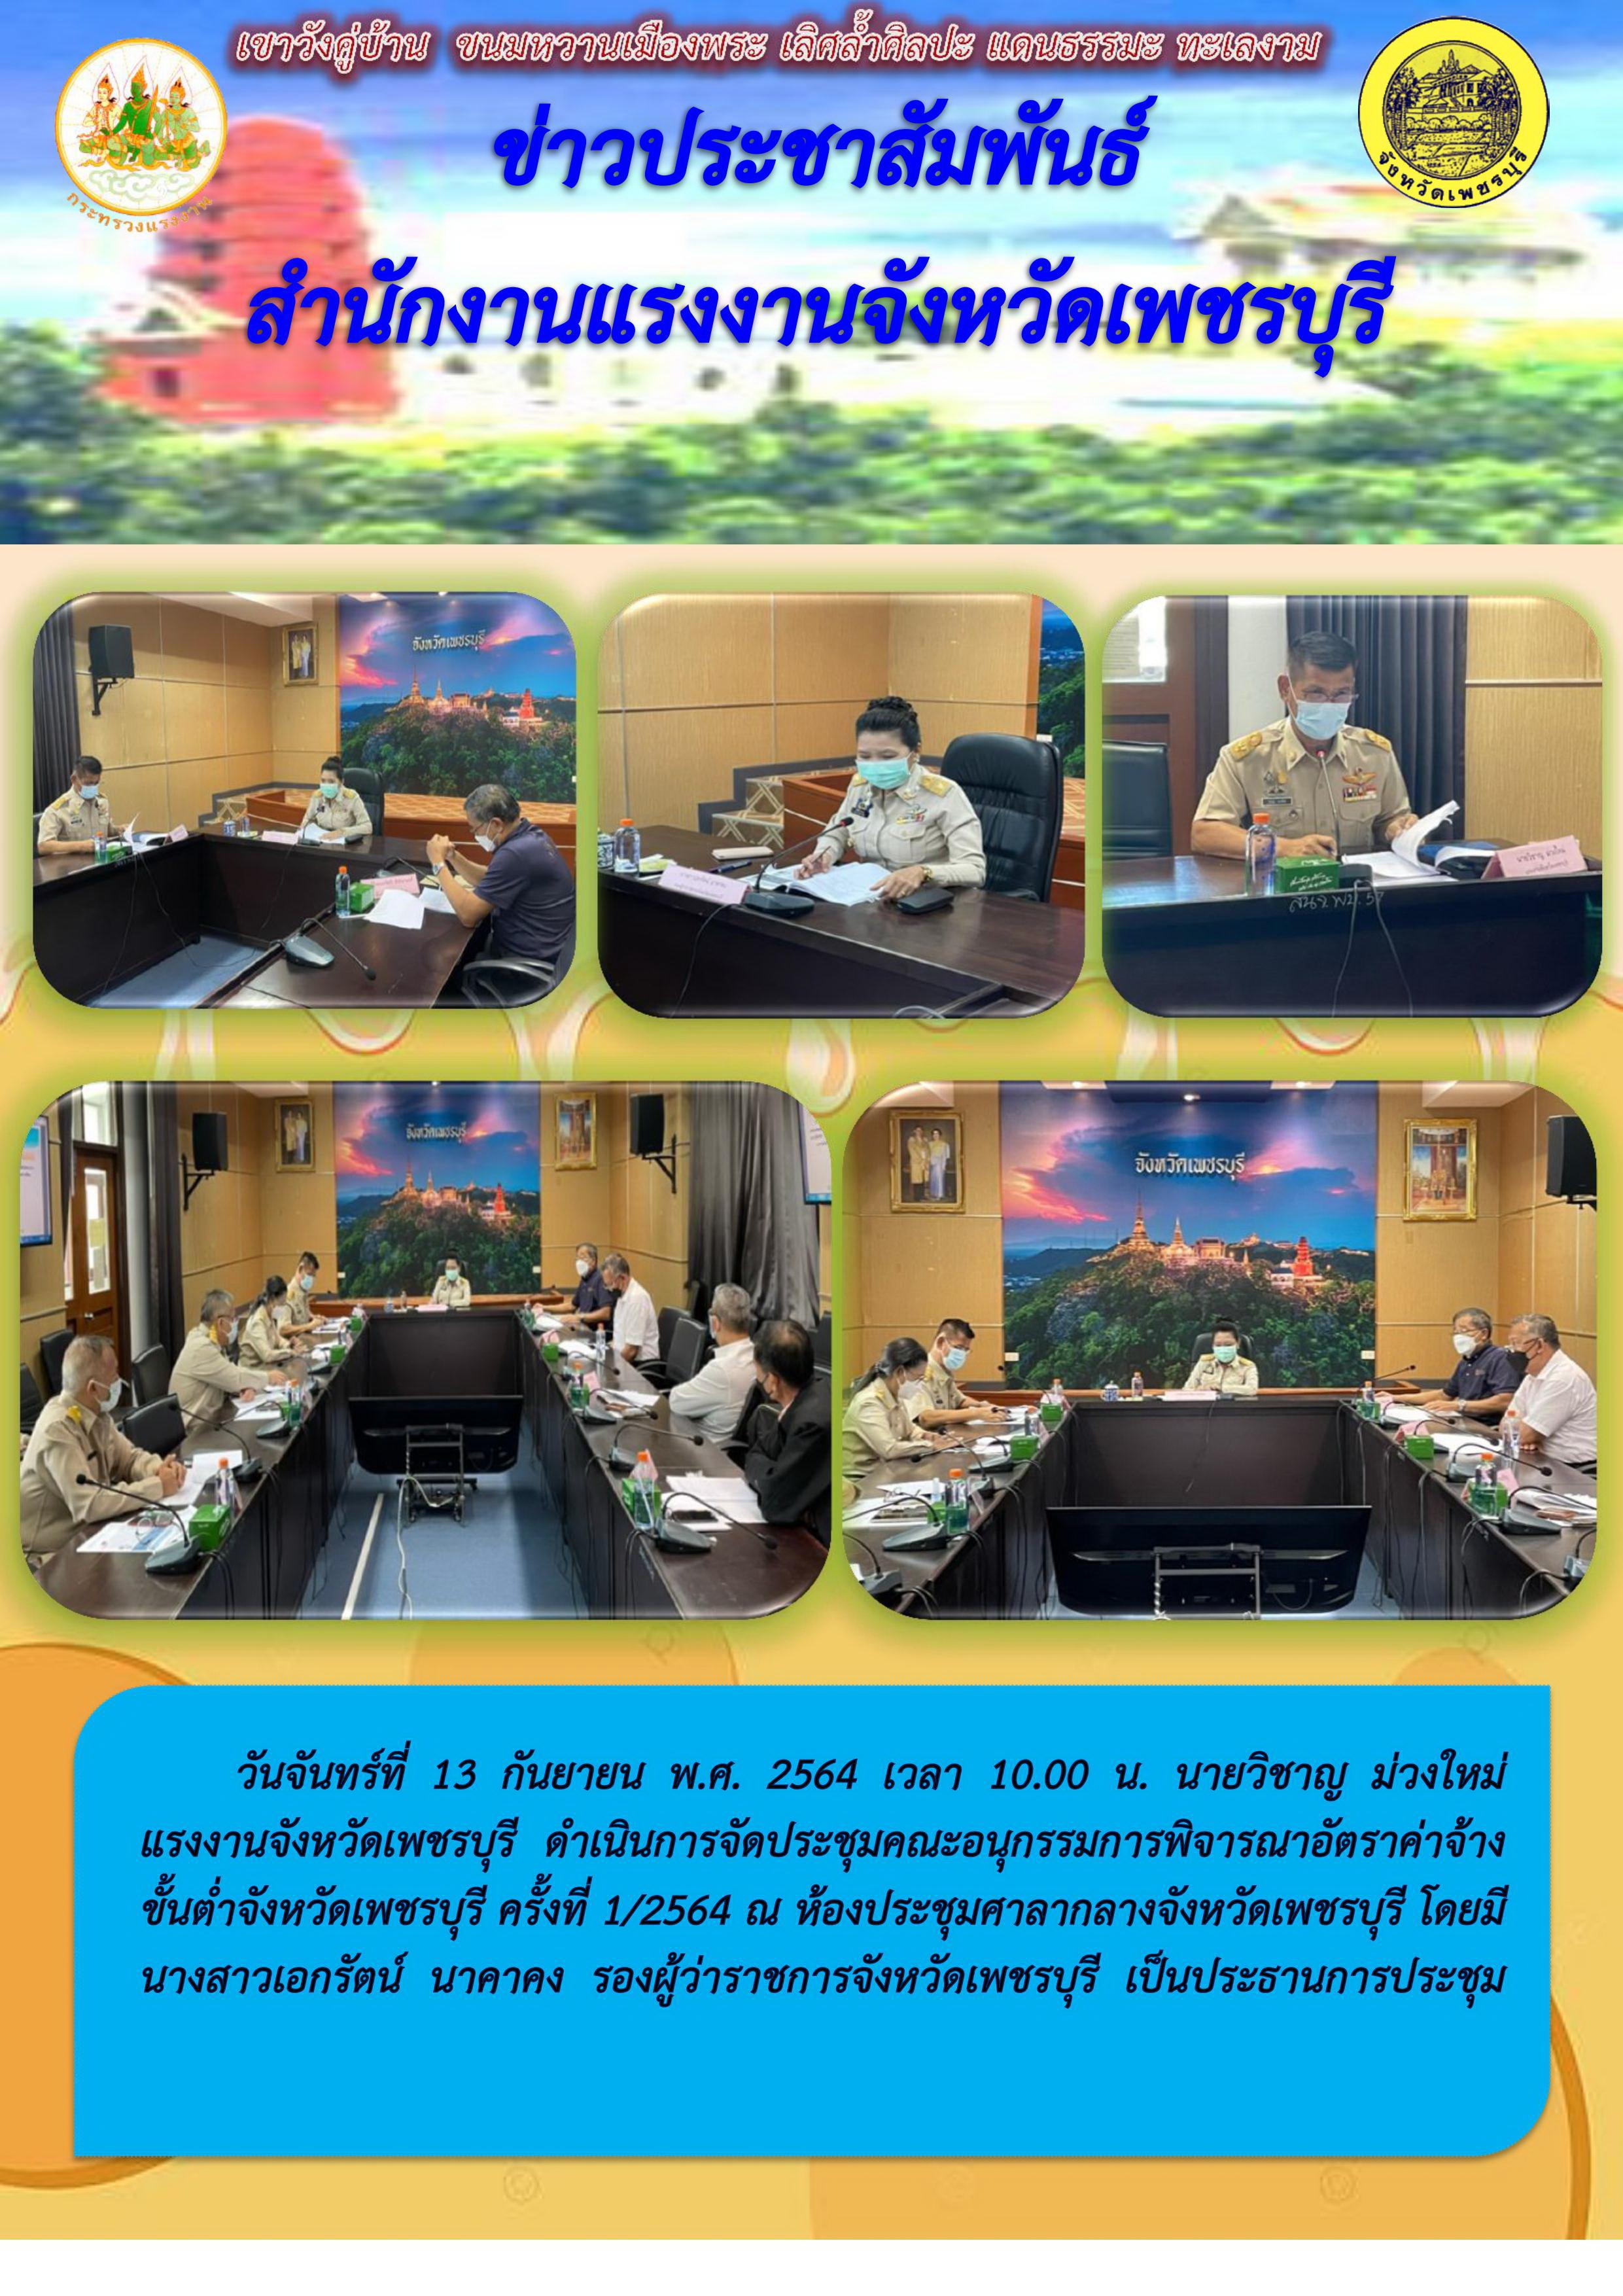 แรงงานจังหวัดเพชรบุรีจัดประชุมคณะอนุกรรมการการพิจารณาอัตราค่าจ้างขั้นต่ำจังหวัดเพชรบุรี ครั้งที่ 1/2564